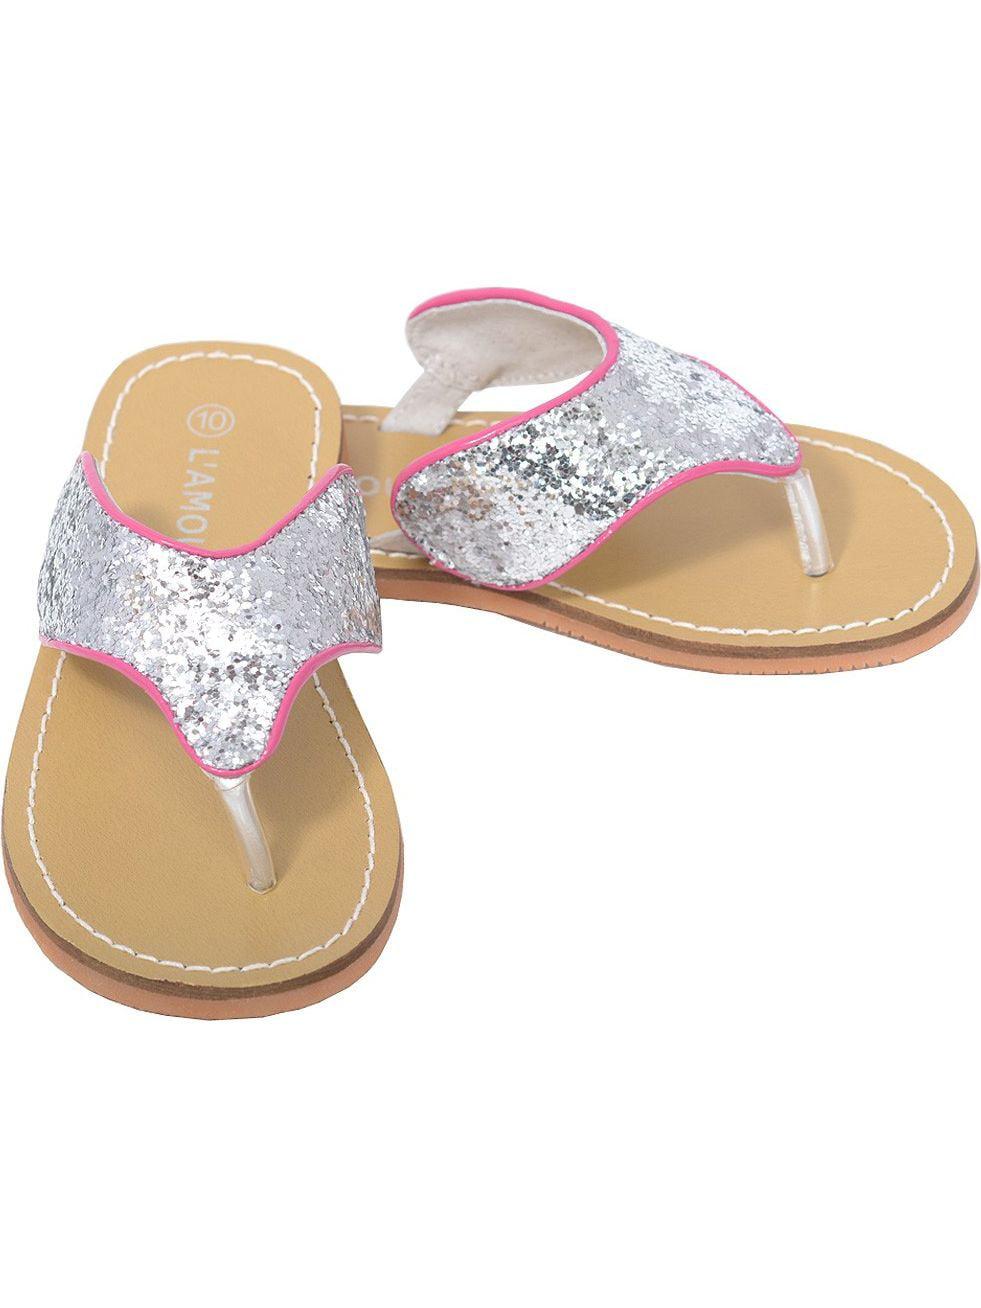 L'Amour Silver T Strap Flip Flop Summer Spring Sandal Girl 11-4